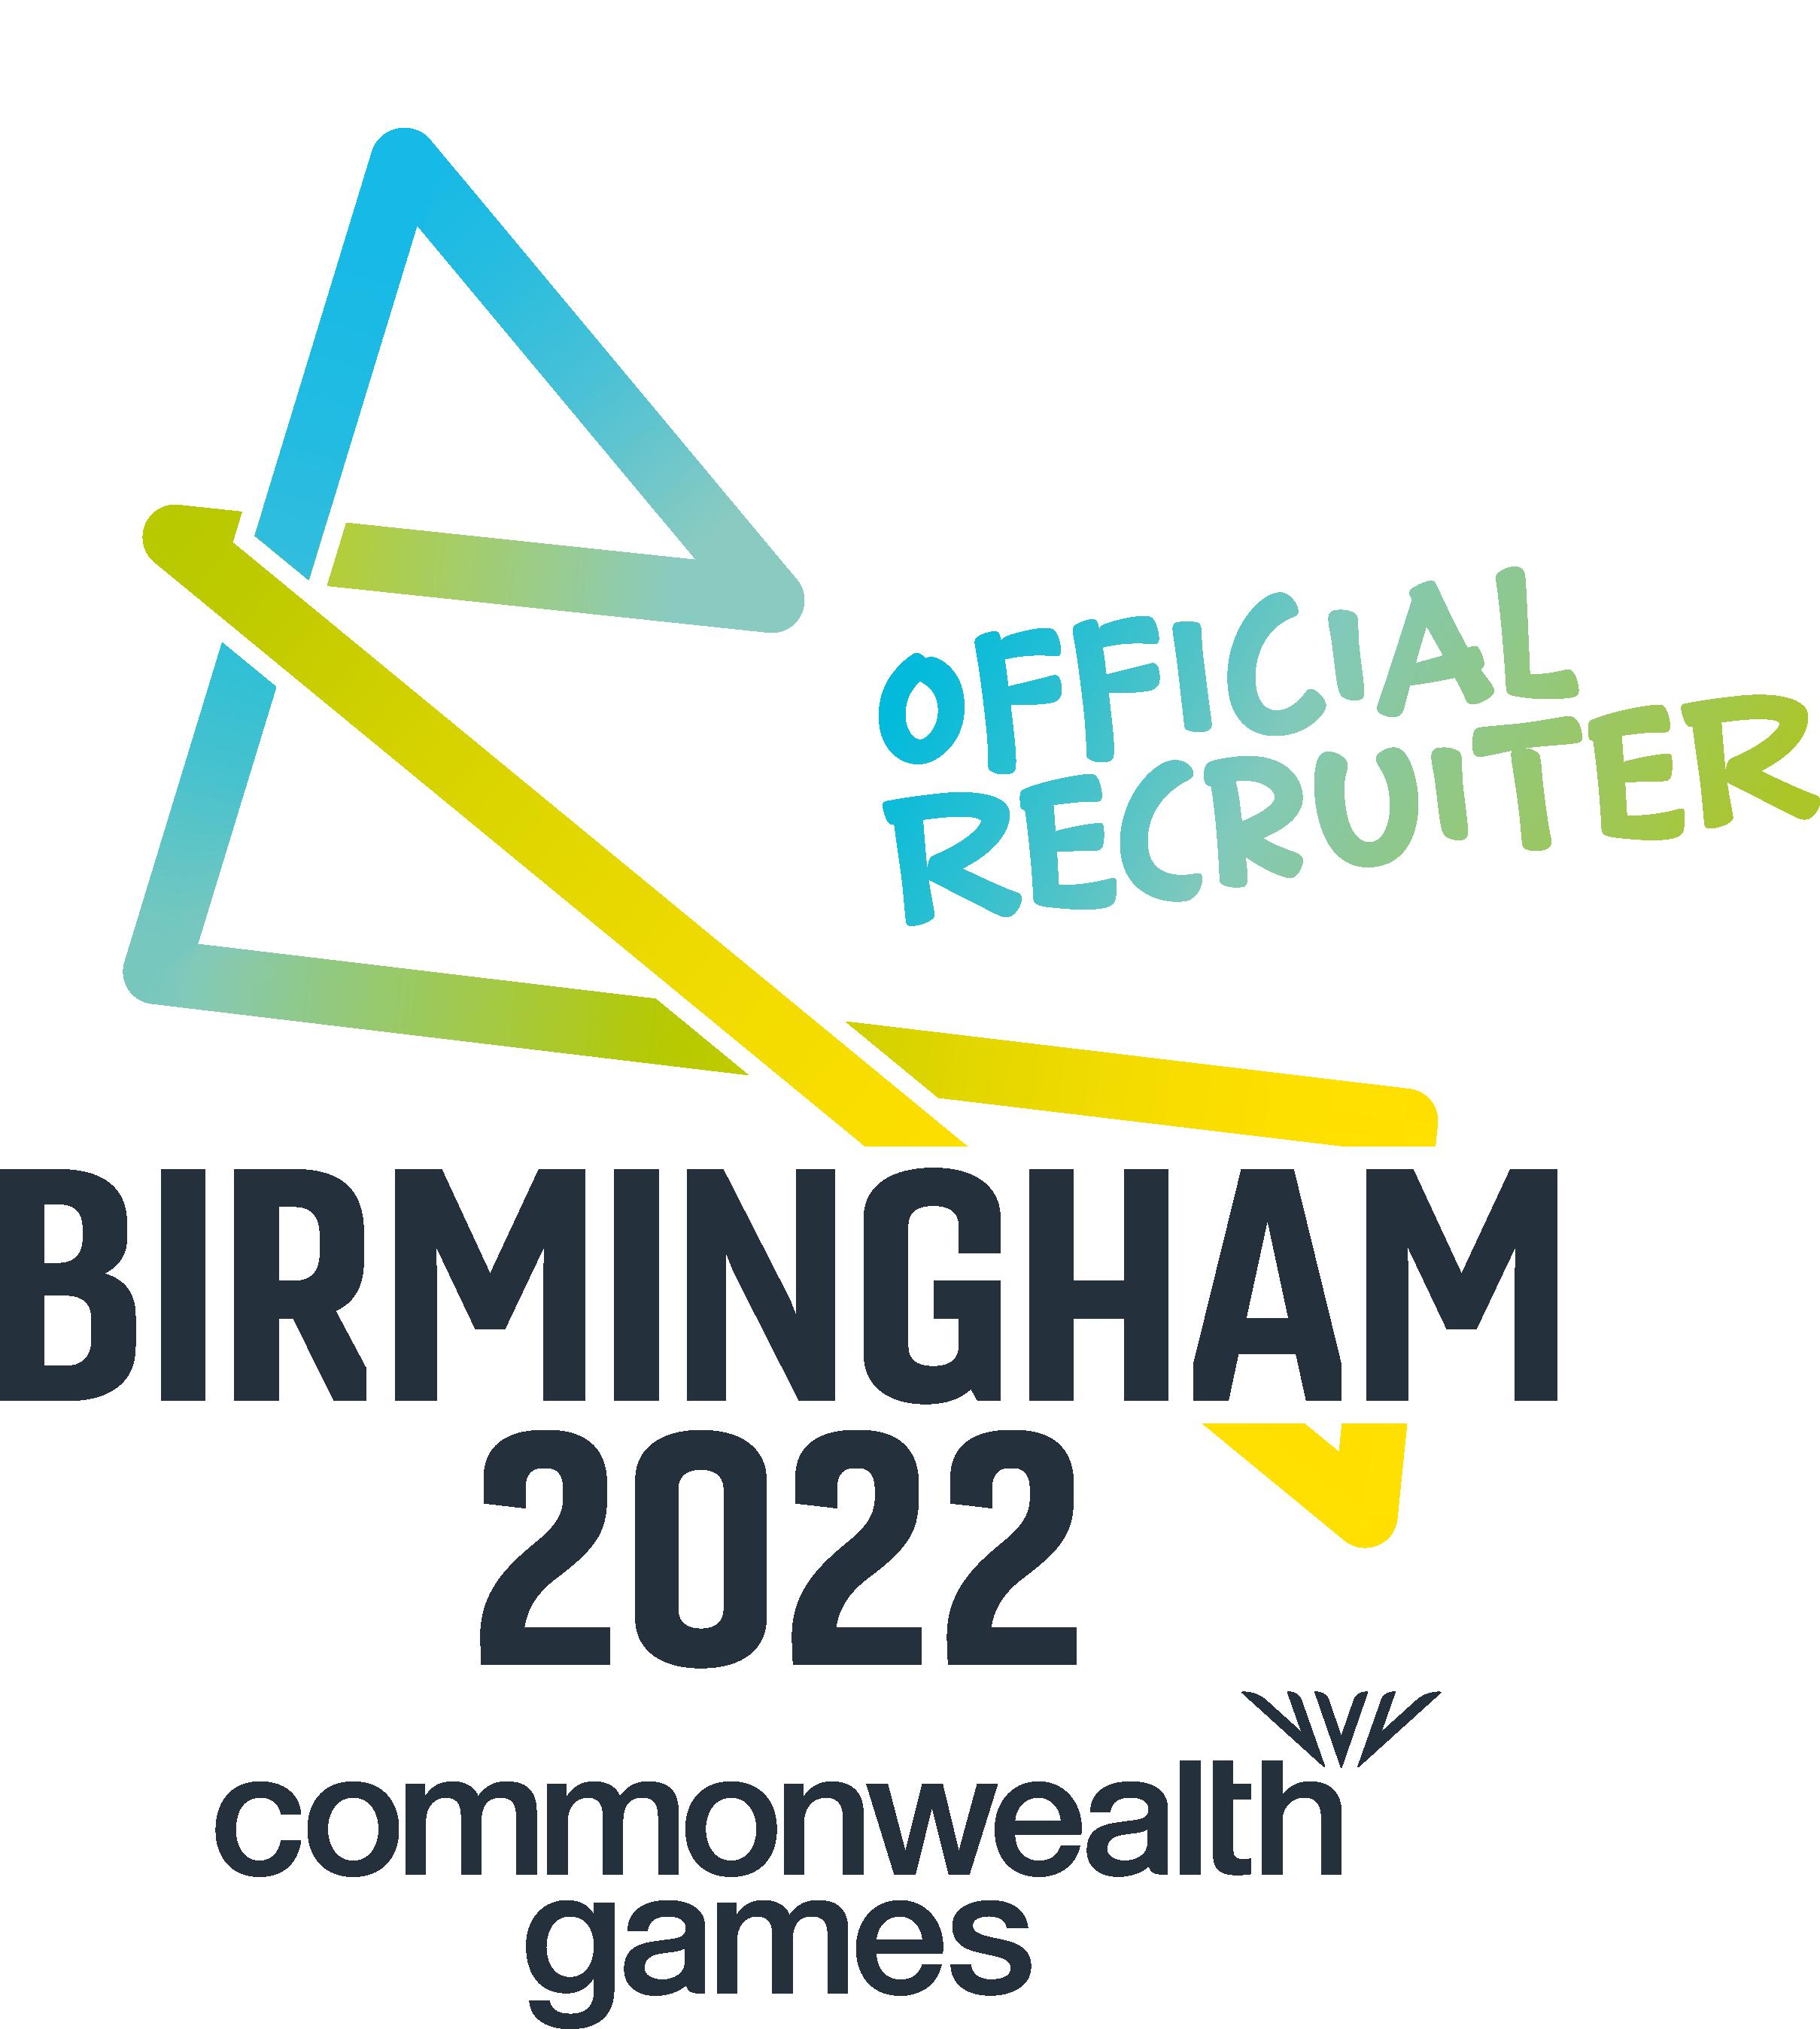 Birmingham 2022